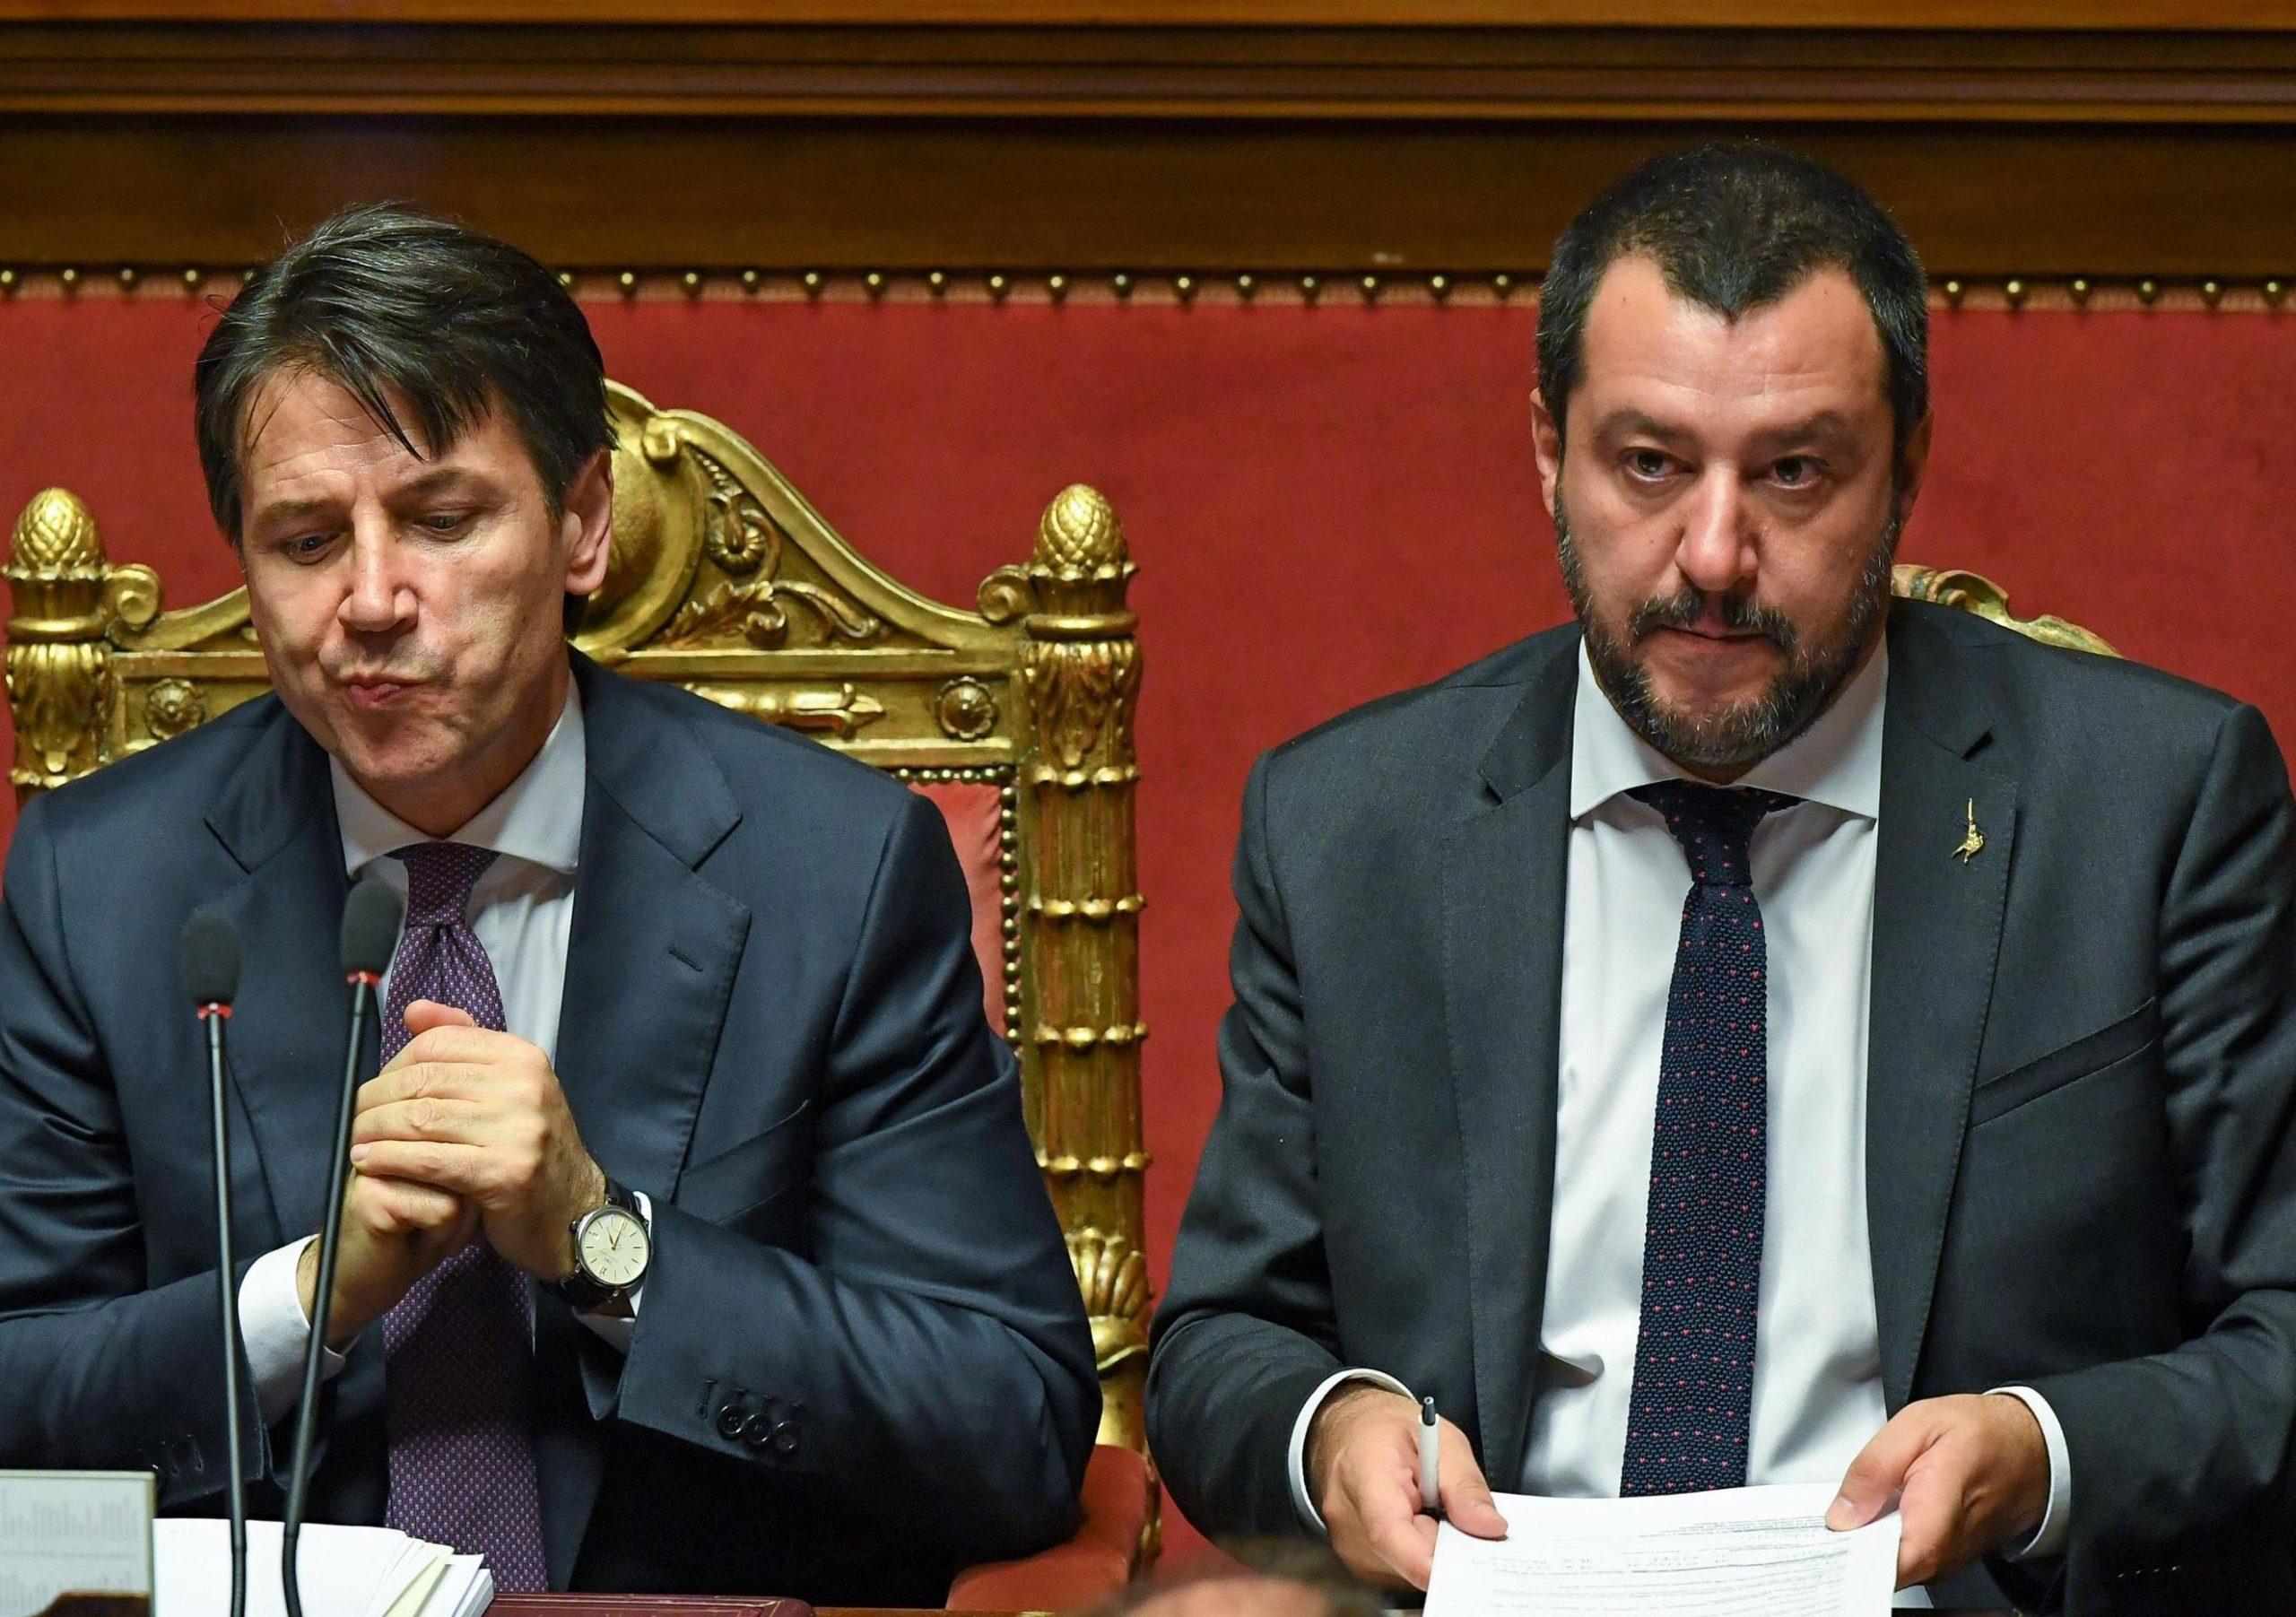 """Matteo Salvini fa a pezzi Giuseppe Conte """"Molla un ministro? Ne mettono due! L'amore per le poltrone di questi impostori è senza limiti"""""""